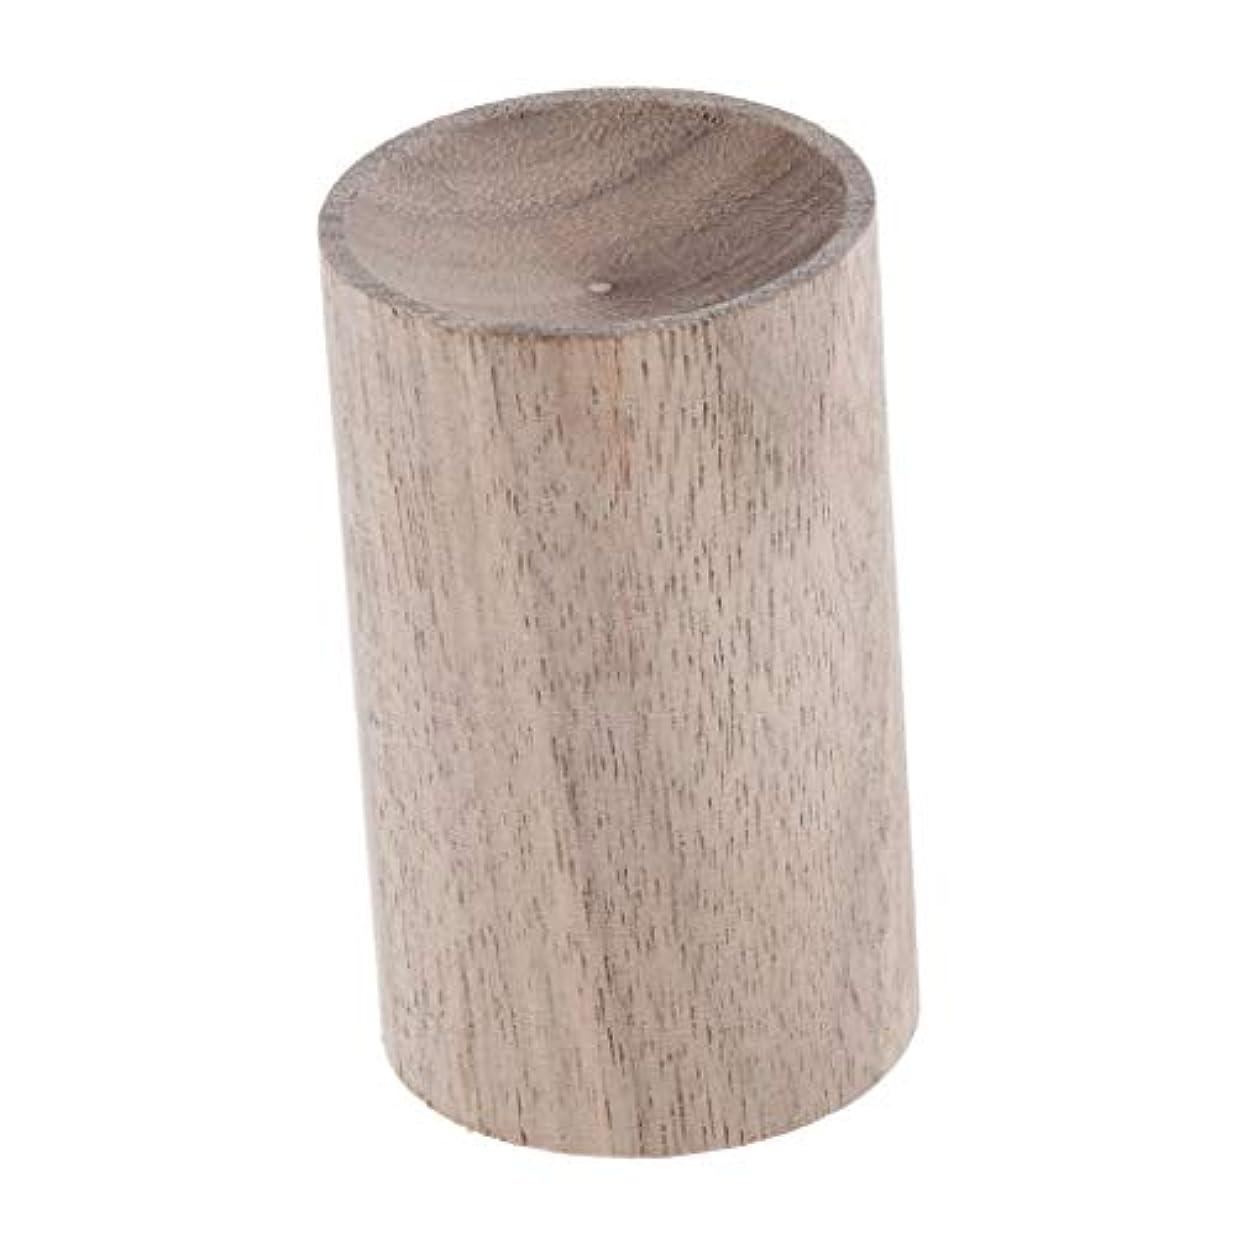 意志限定。天然木 エアフレッシュナー エッセンシャルオイル 香水 アロマディフューザー 使いやすい 2種選ぶ - 02, 3.2cm